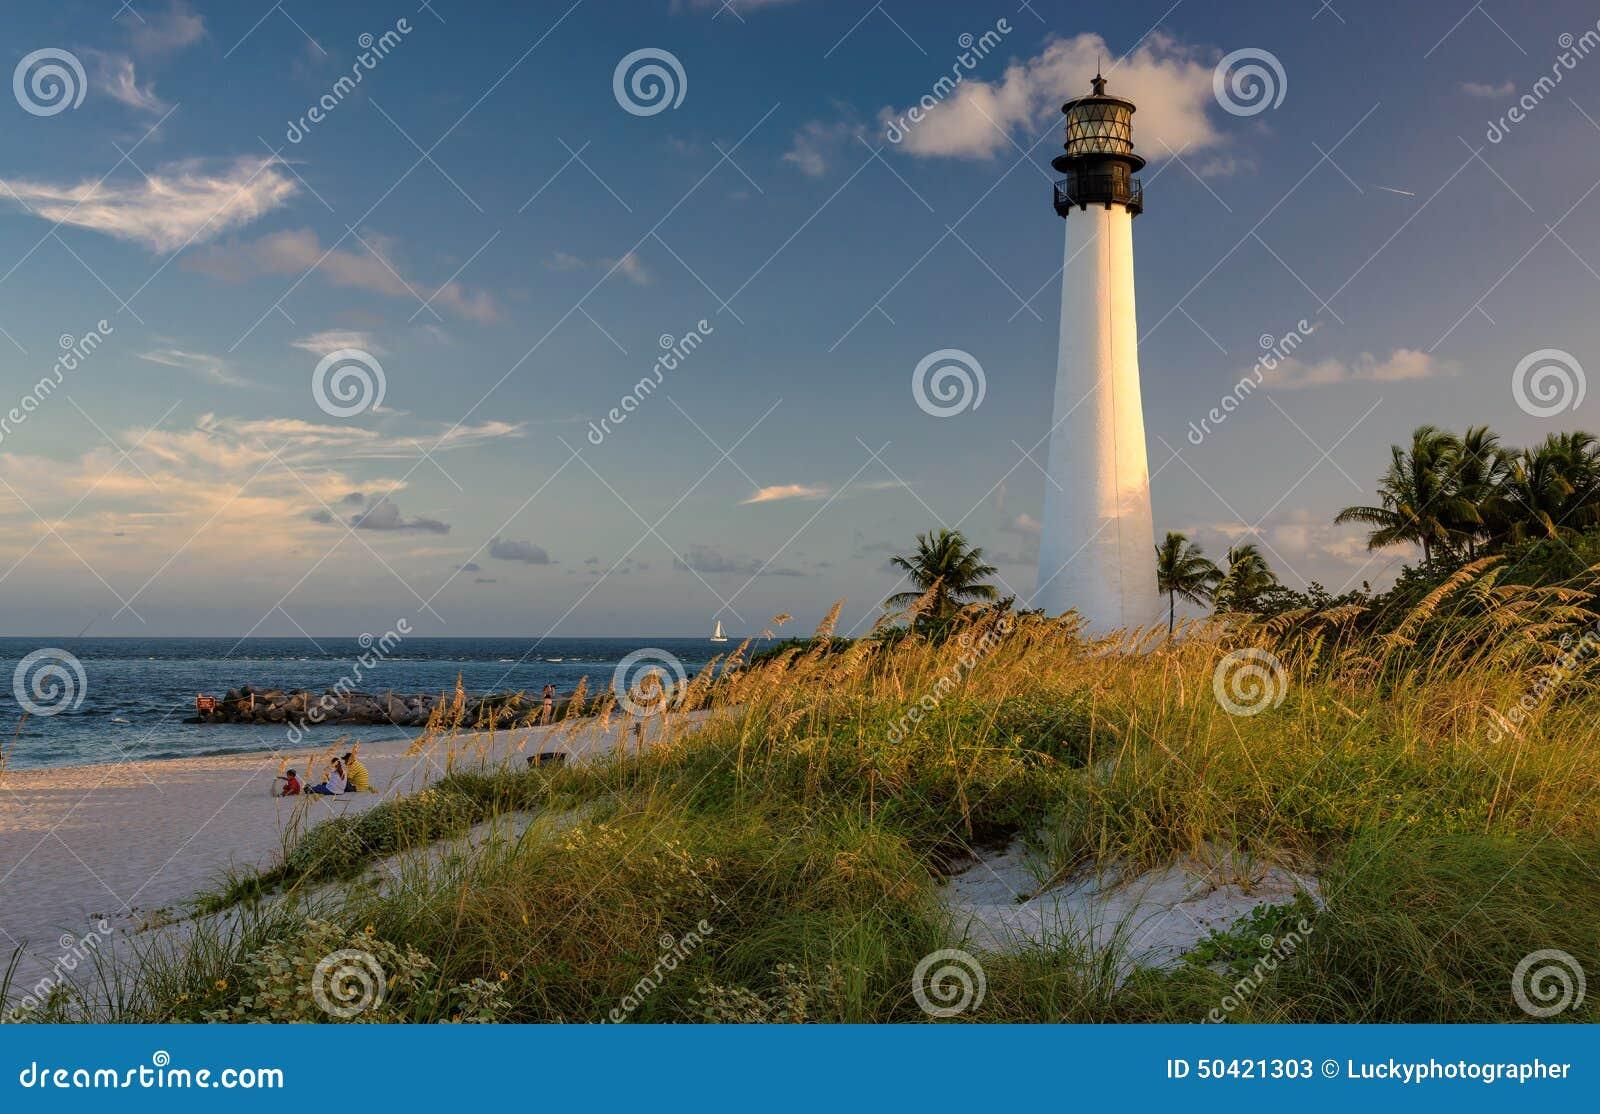 Φάρος στην παραλία, φάρος της Φλώριδας ακρωτηρίων